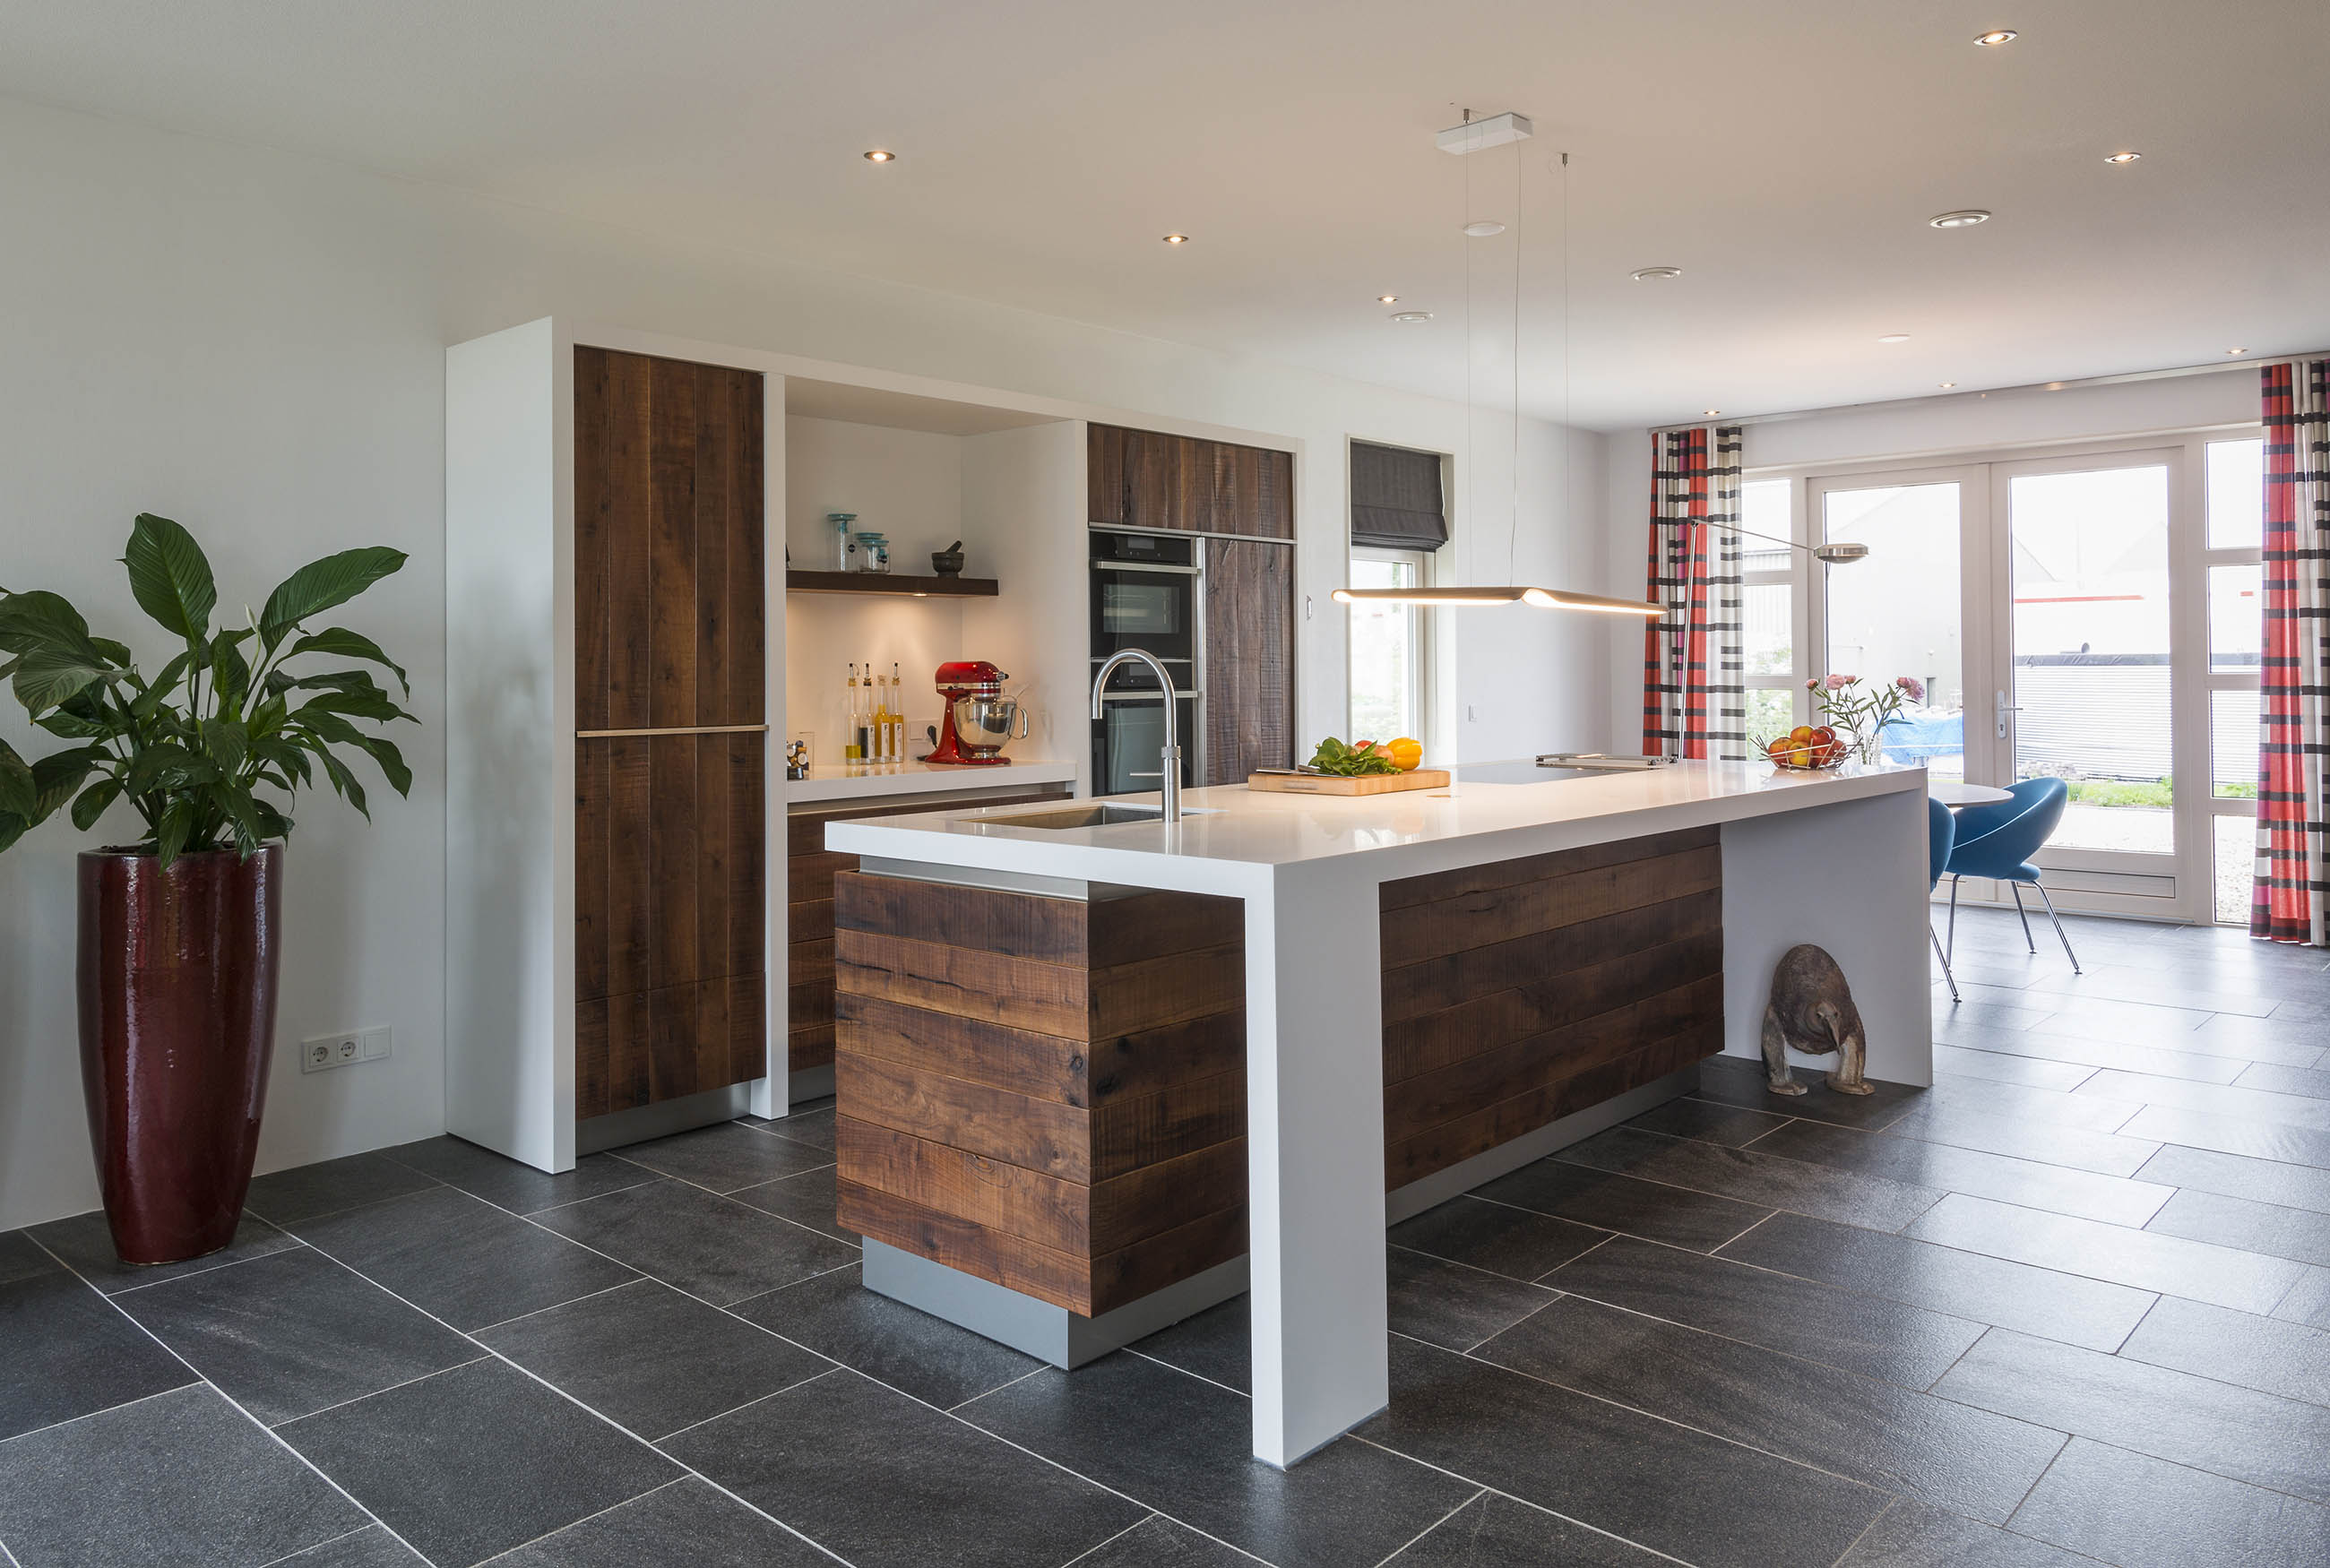 Ruw notenhouten keuken